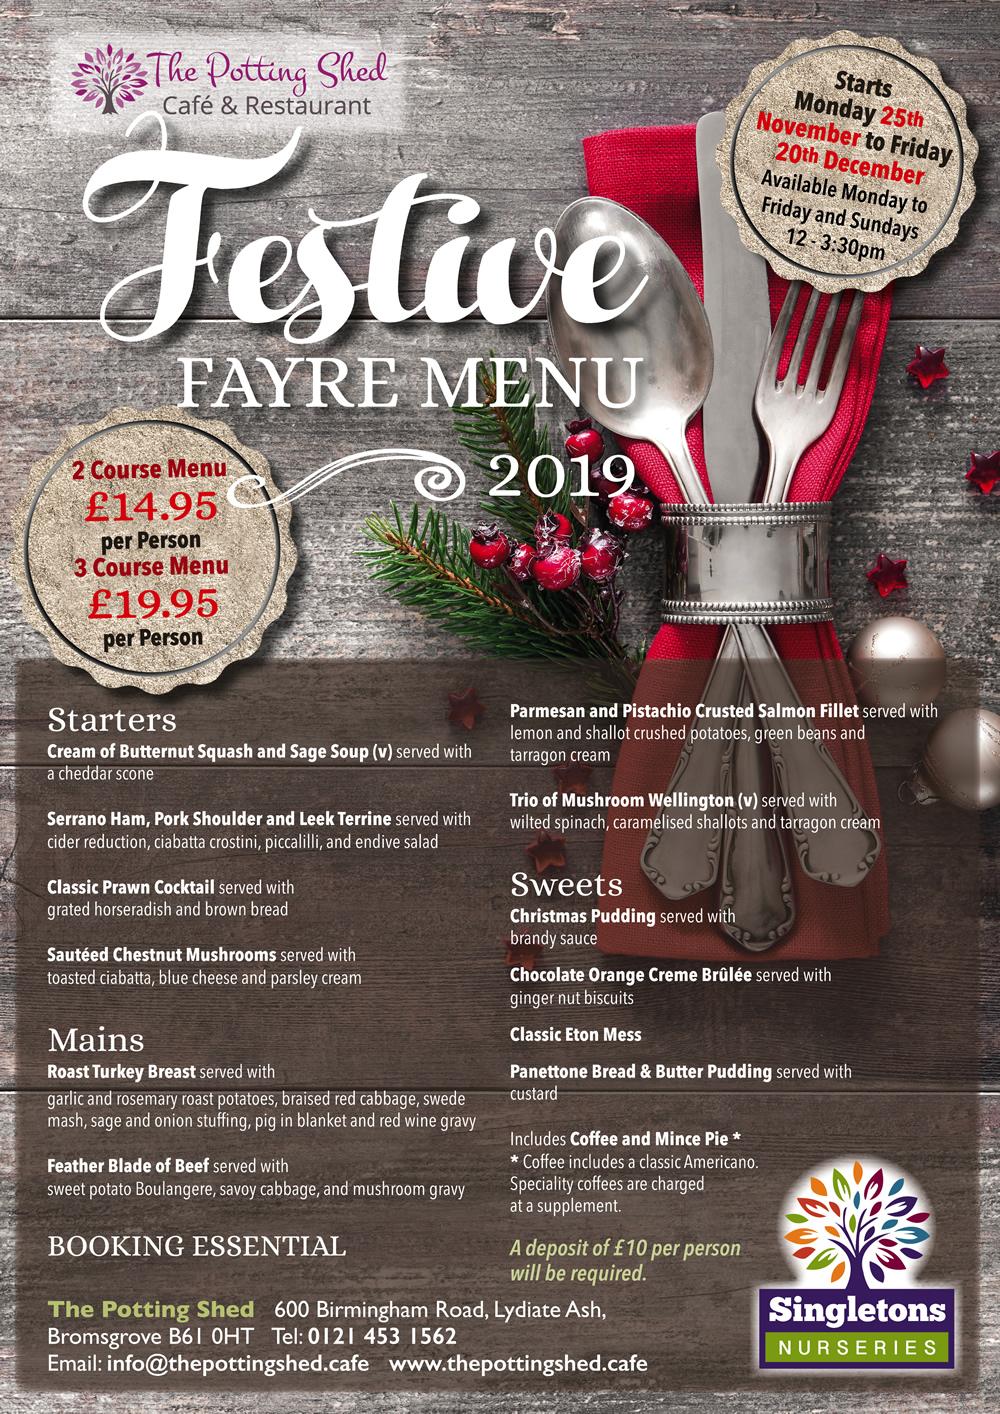 Festive Fayre Menu 2019